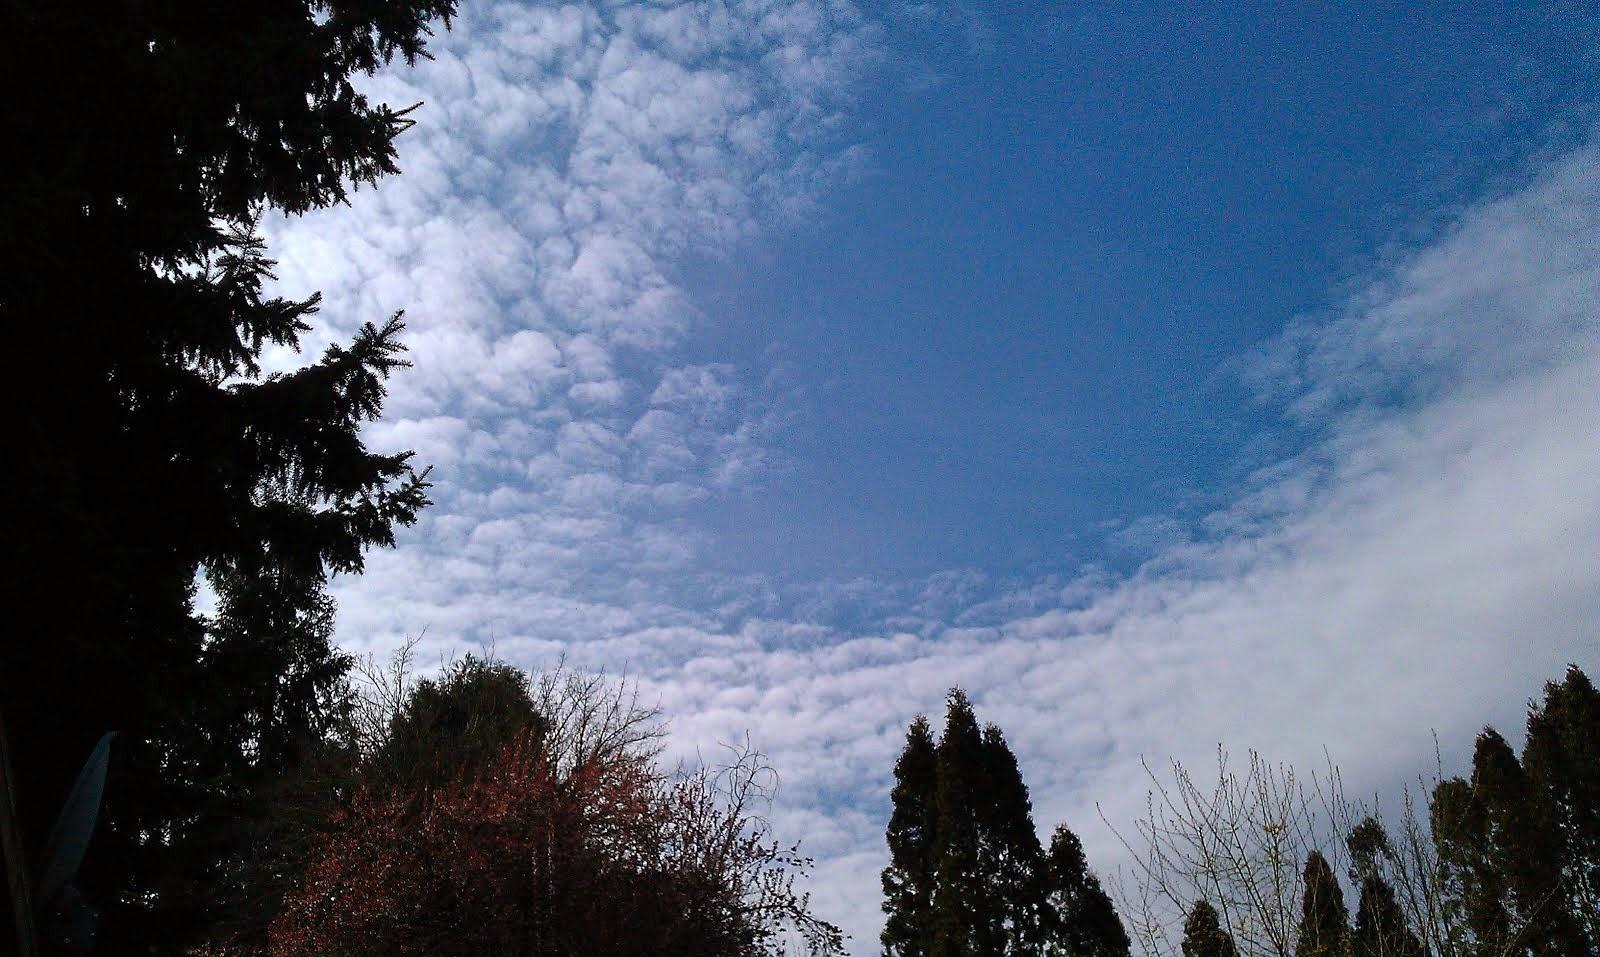 Blue Sky Smiling!